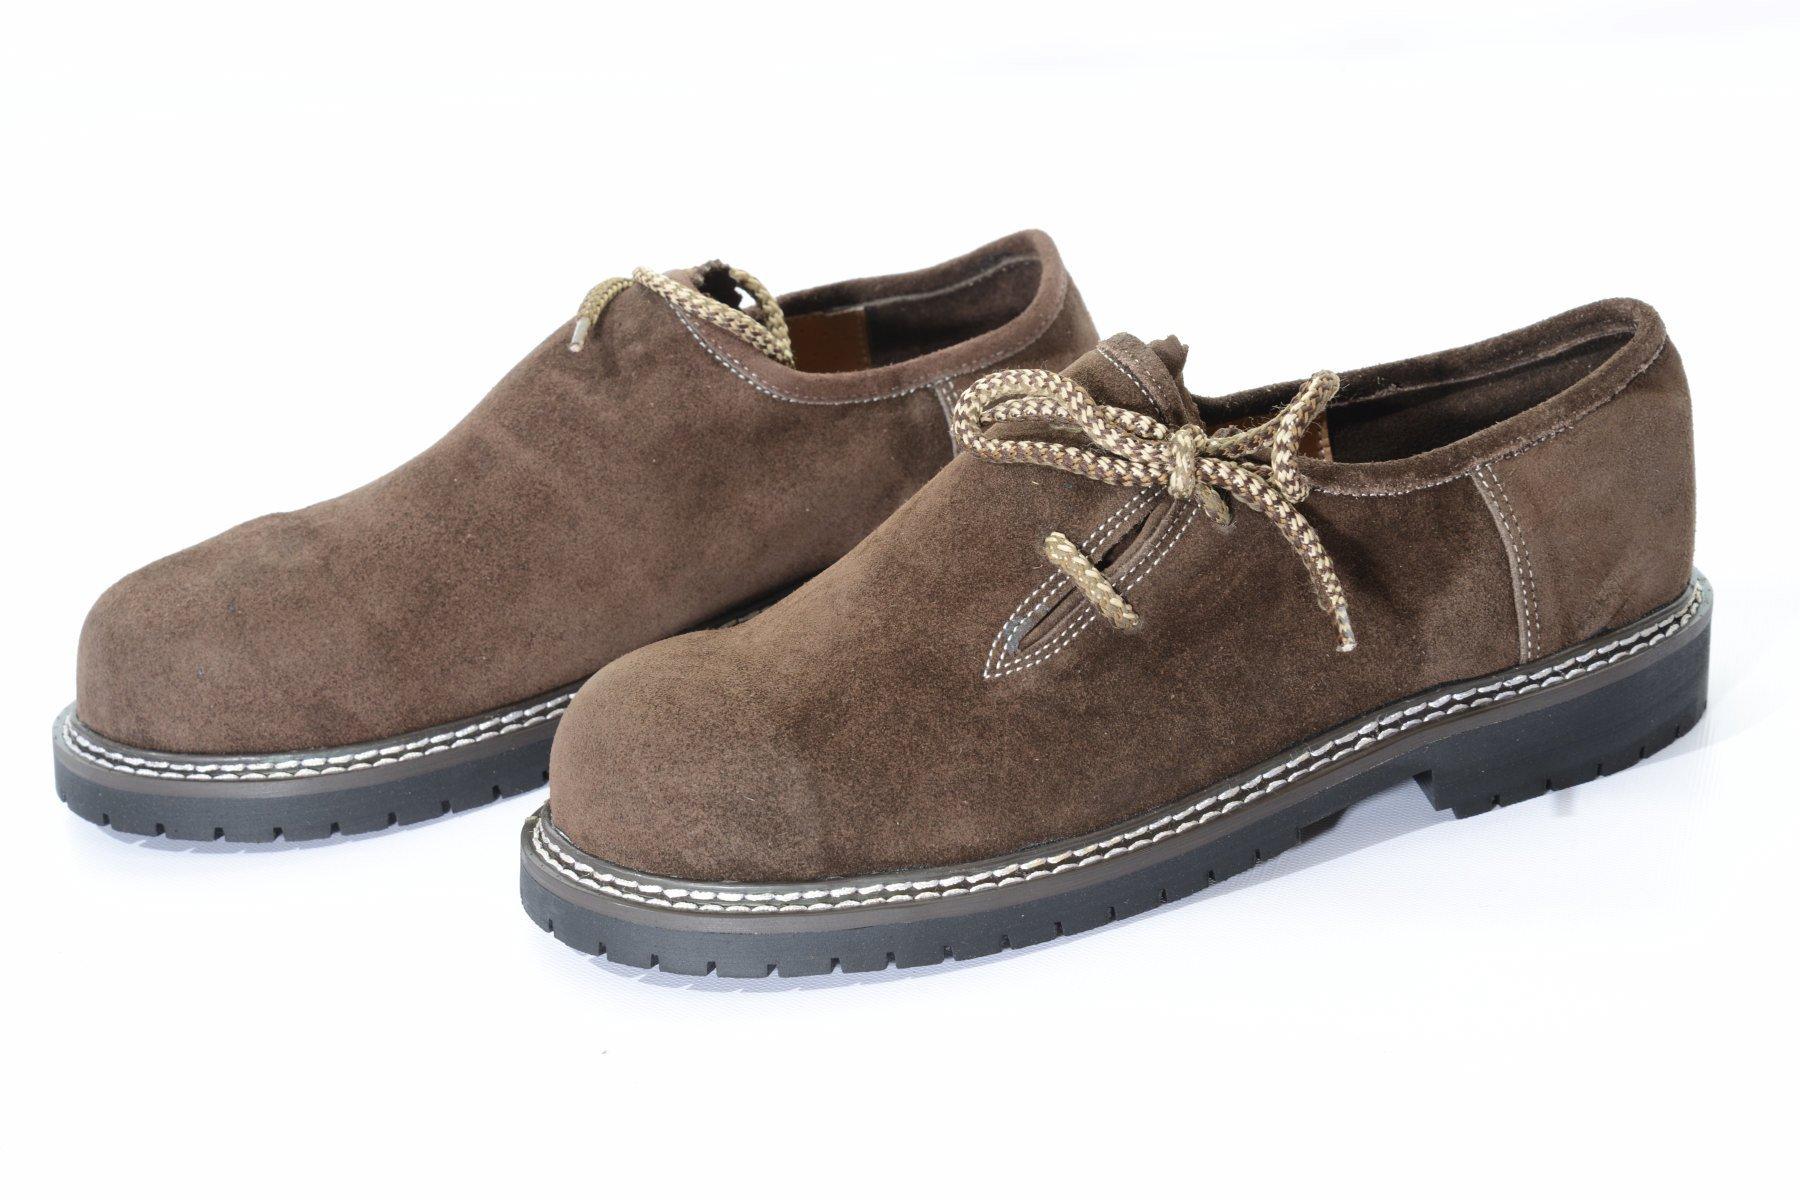 Okotberfest Lederhosen Haferl Shoes by lederhosen4u in dark brown suede leather, 12